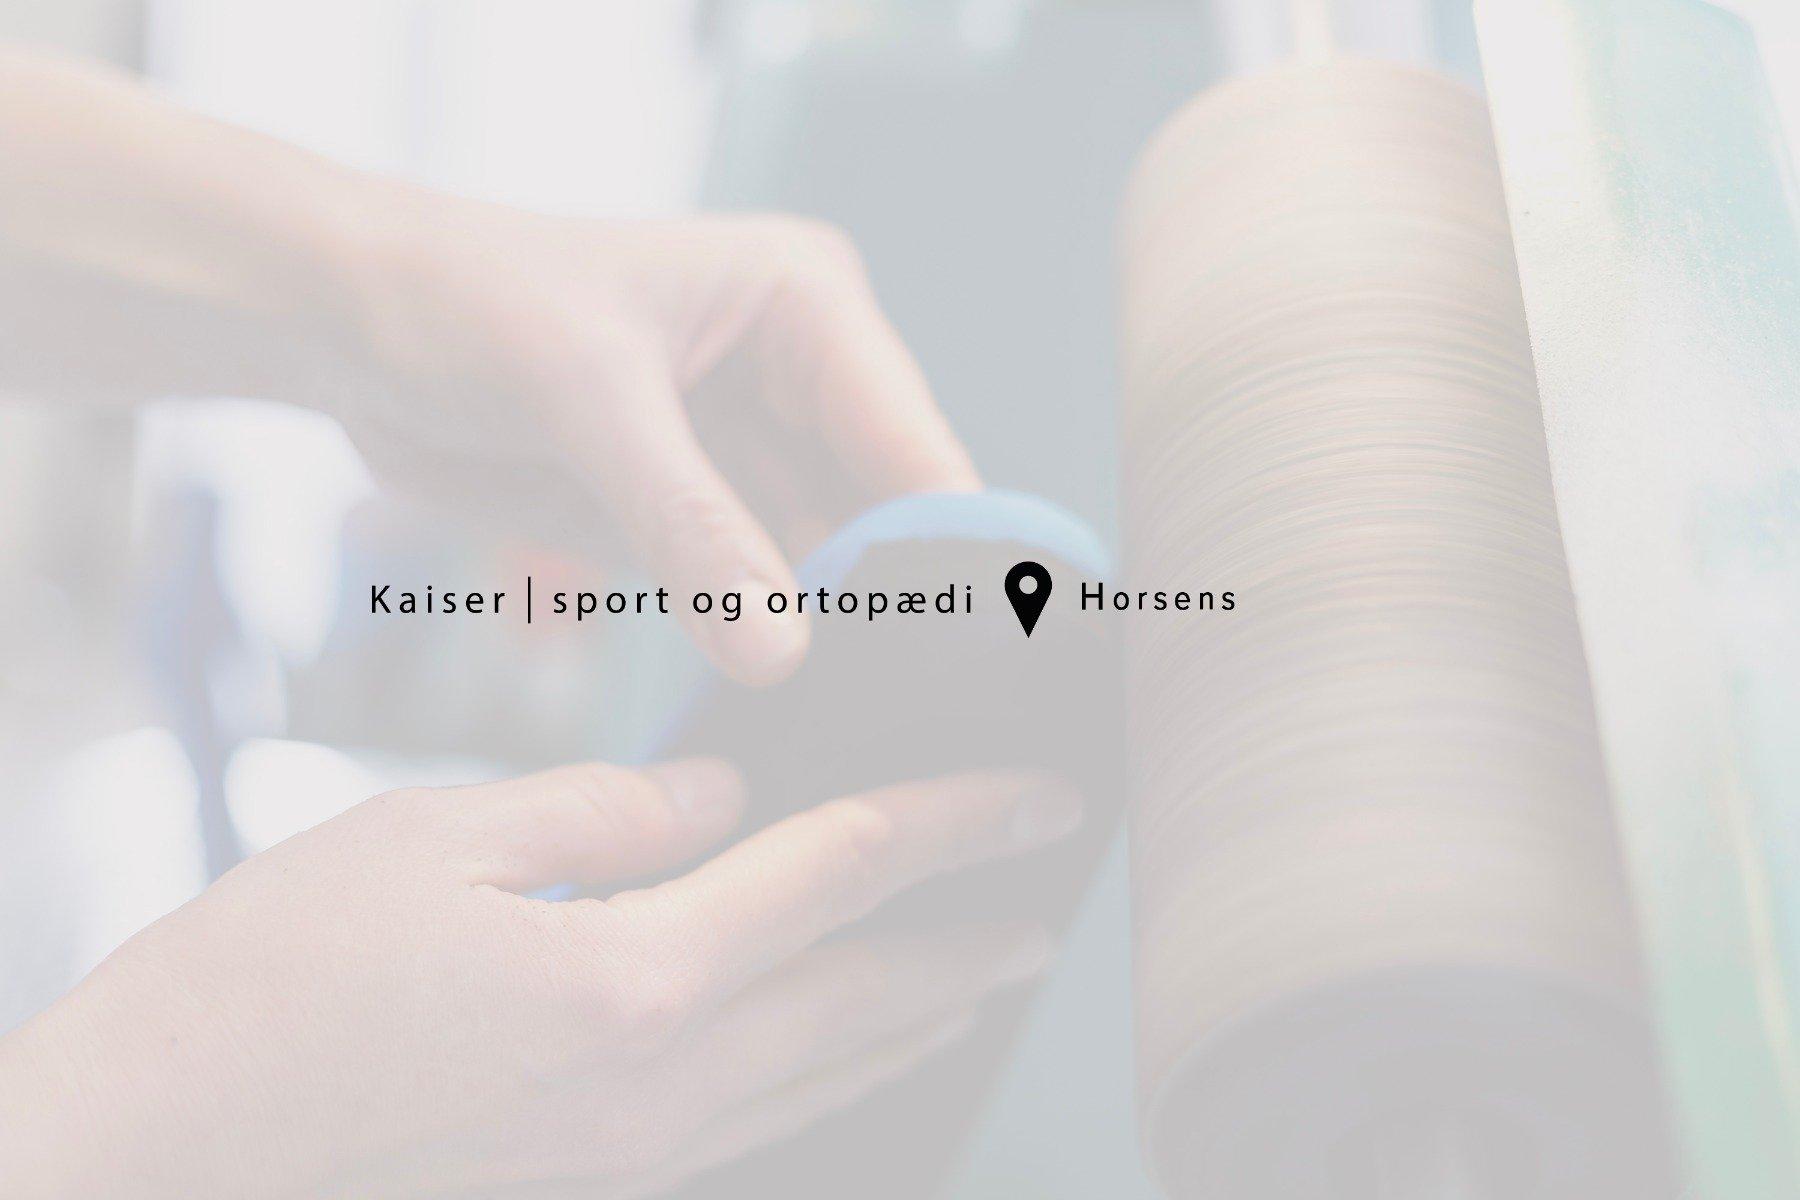 Book tid til køb af løbesko i Kaiser Sport og Ortopædi i Horsens